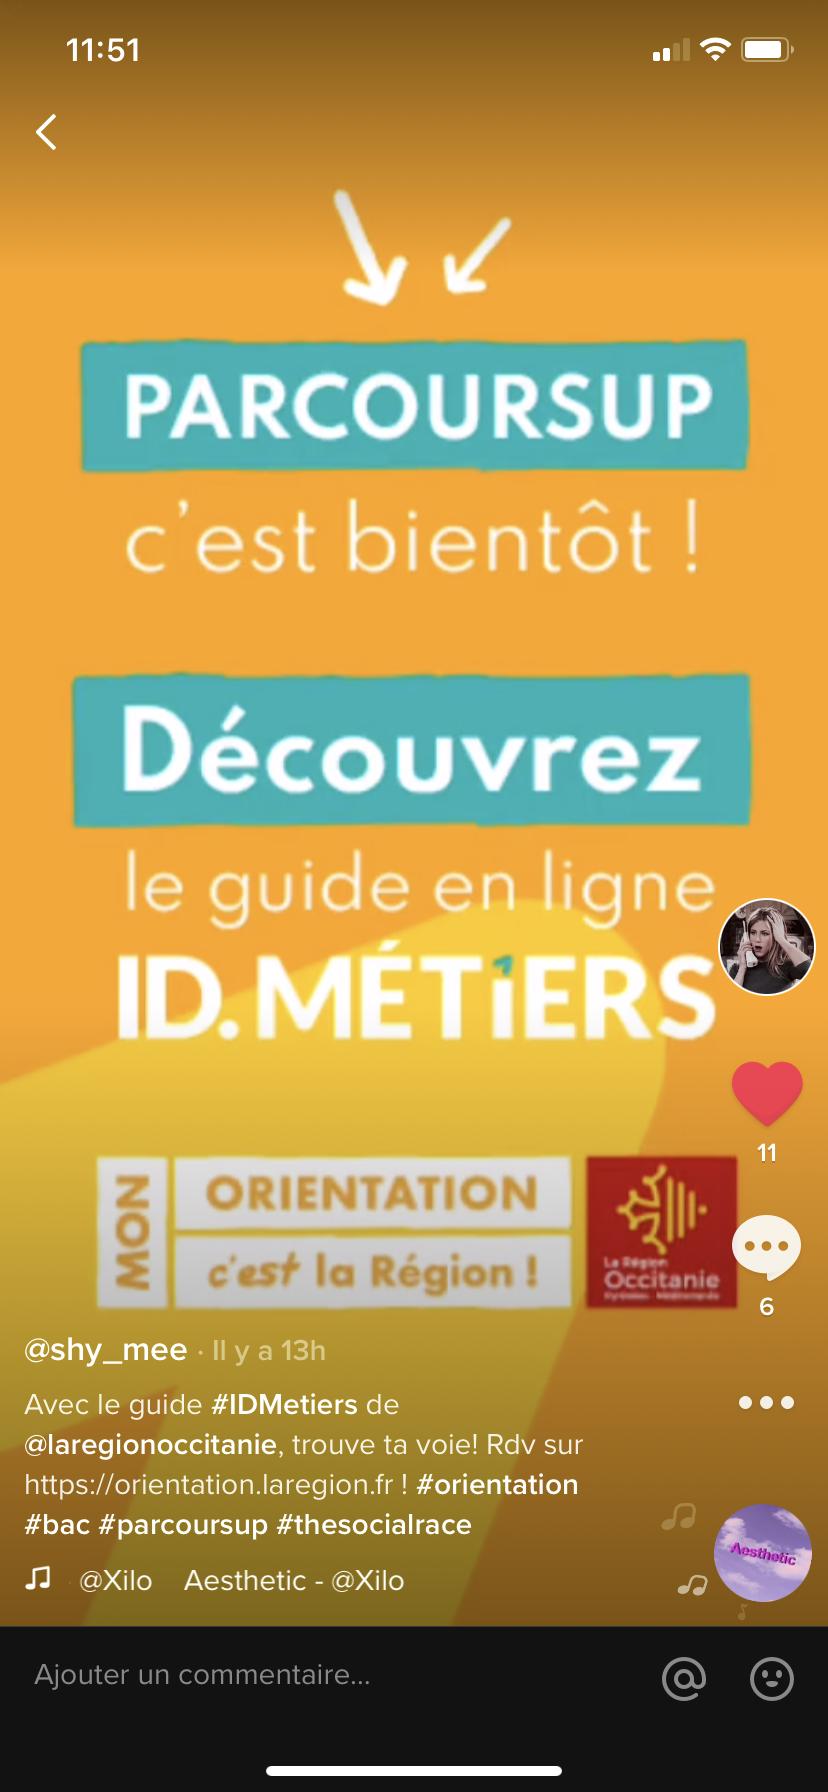 Orientation Parcoursup La Région Occitanie